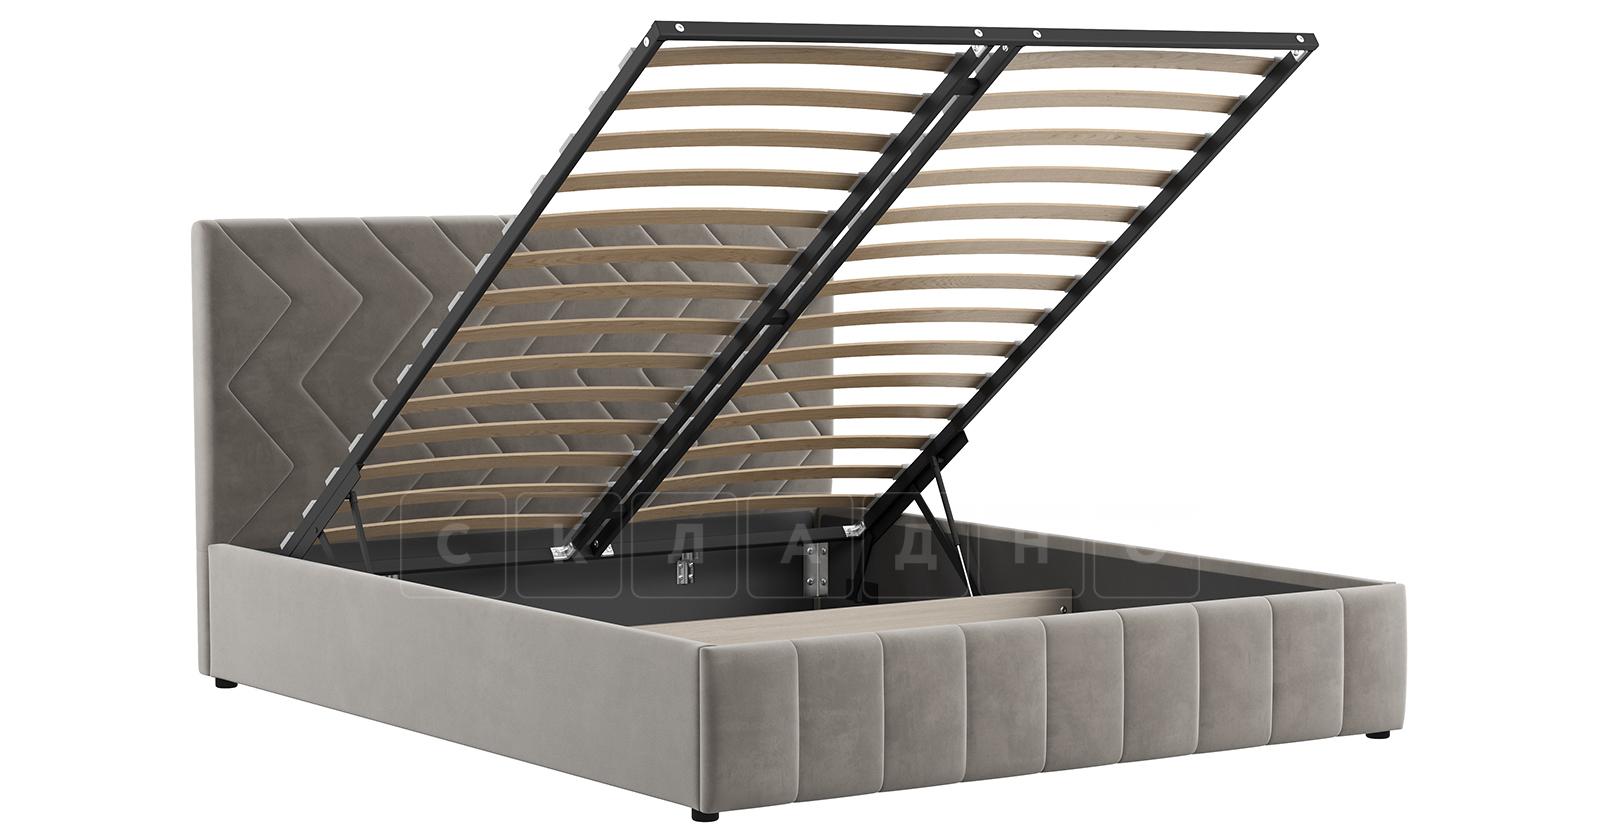 Мягкая кровать Милана 160 см светлый кварцевый серый с подъемным механизмом фото 3 | интернет-магазин Складно